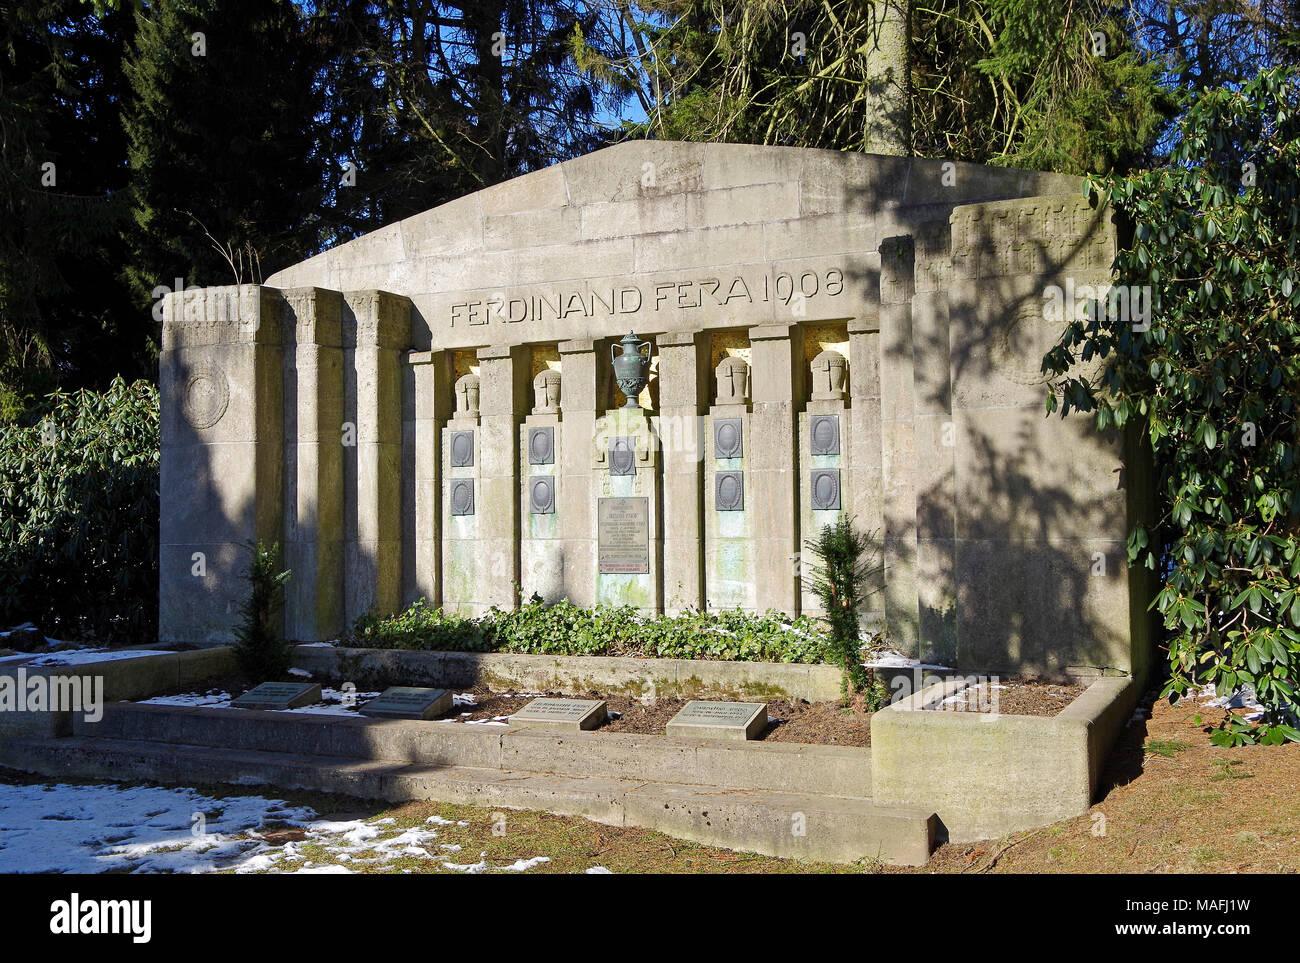 Cimetière Ohlsdorf à Hambourg, créé en 1877 comme un lieu de sépulture non confessionnel, l'un des plus grands cimetières, hiver, Photo Stock